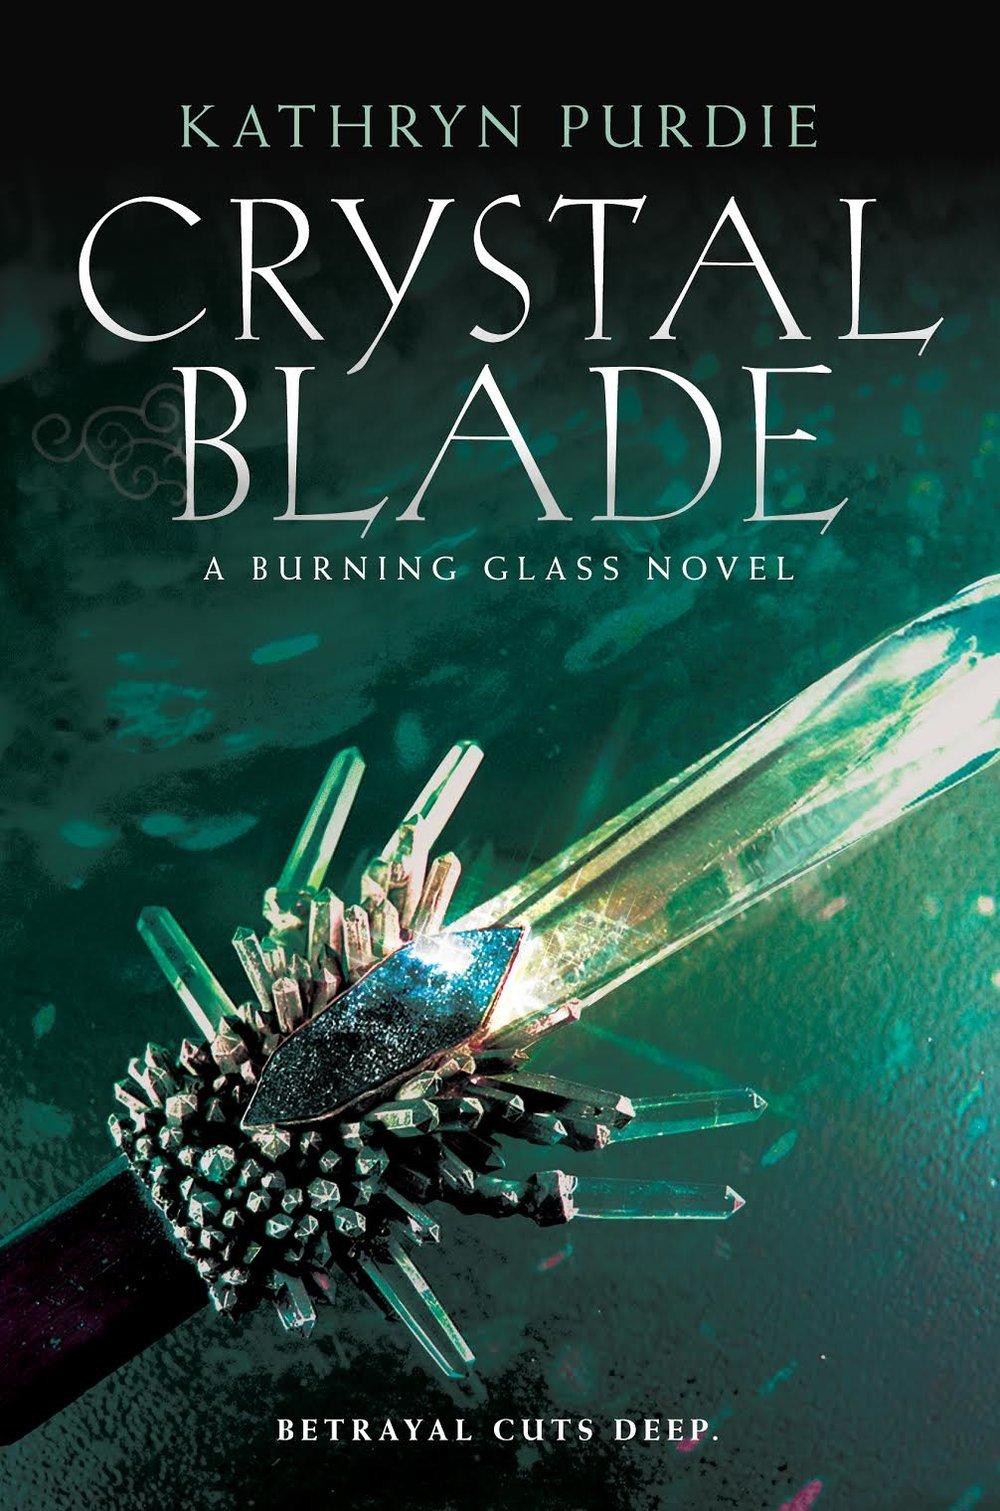 purdie-crystal blade.jpg